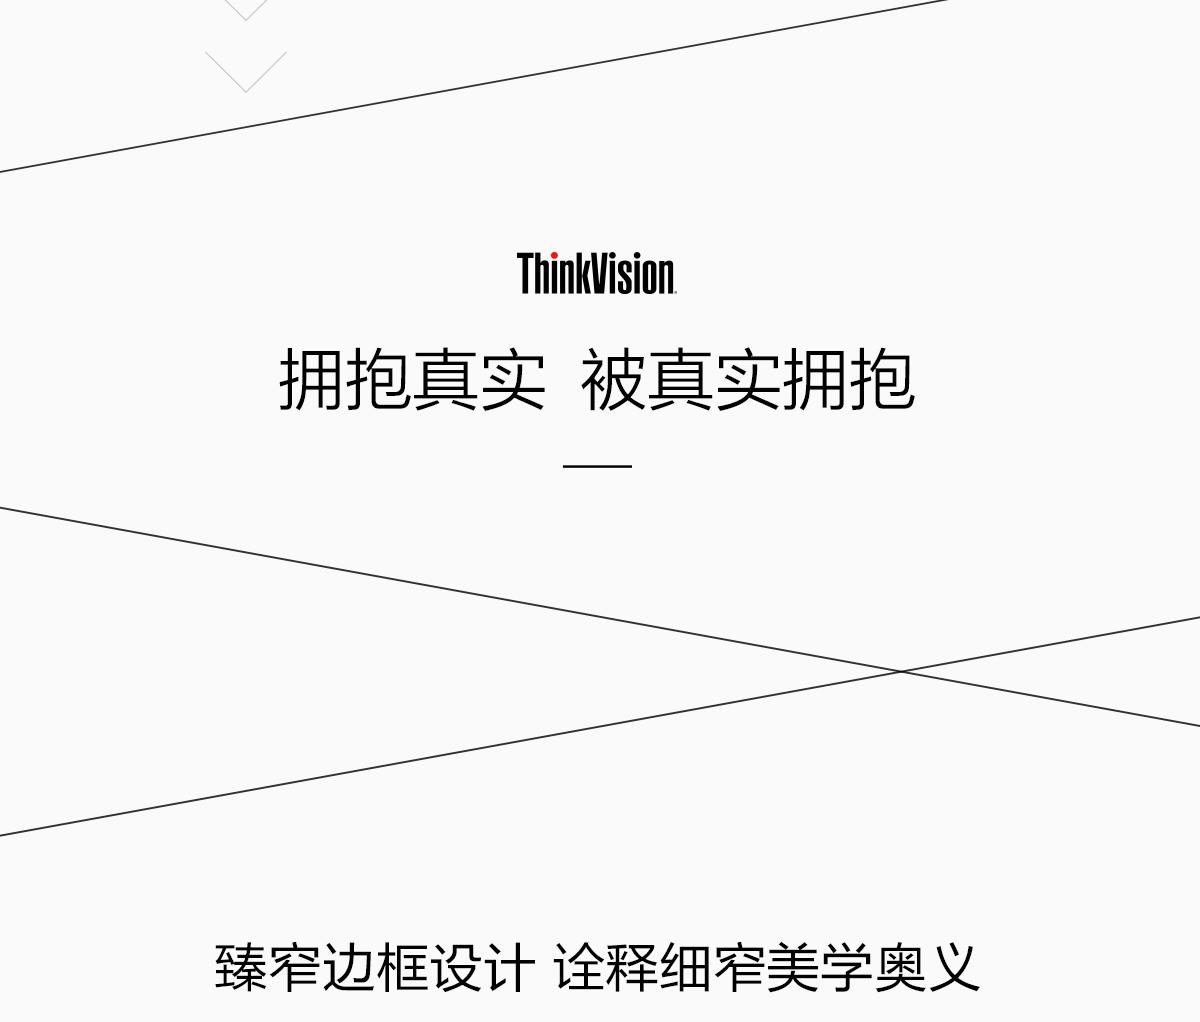 ThinkpadT22v0